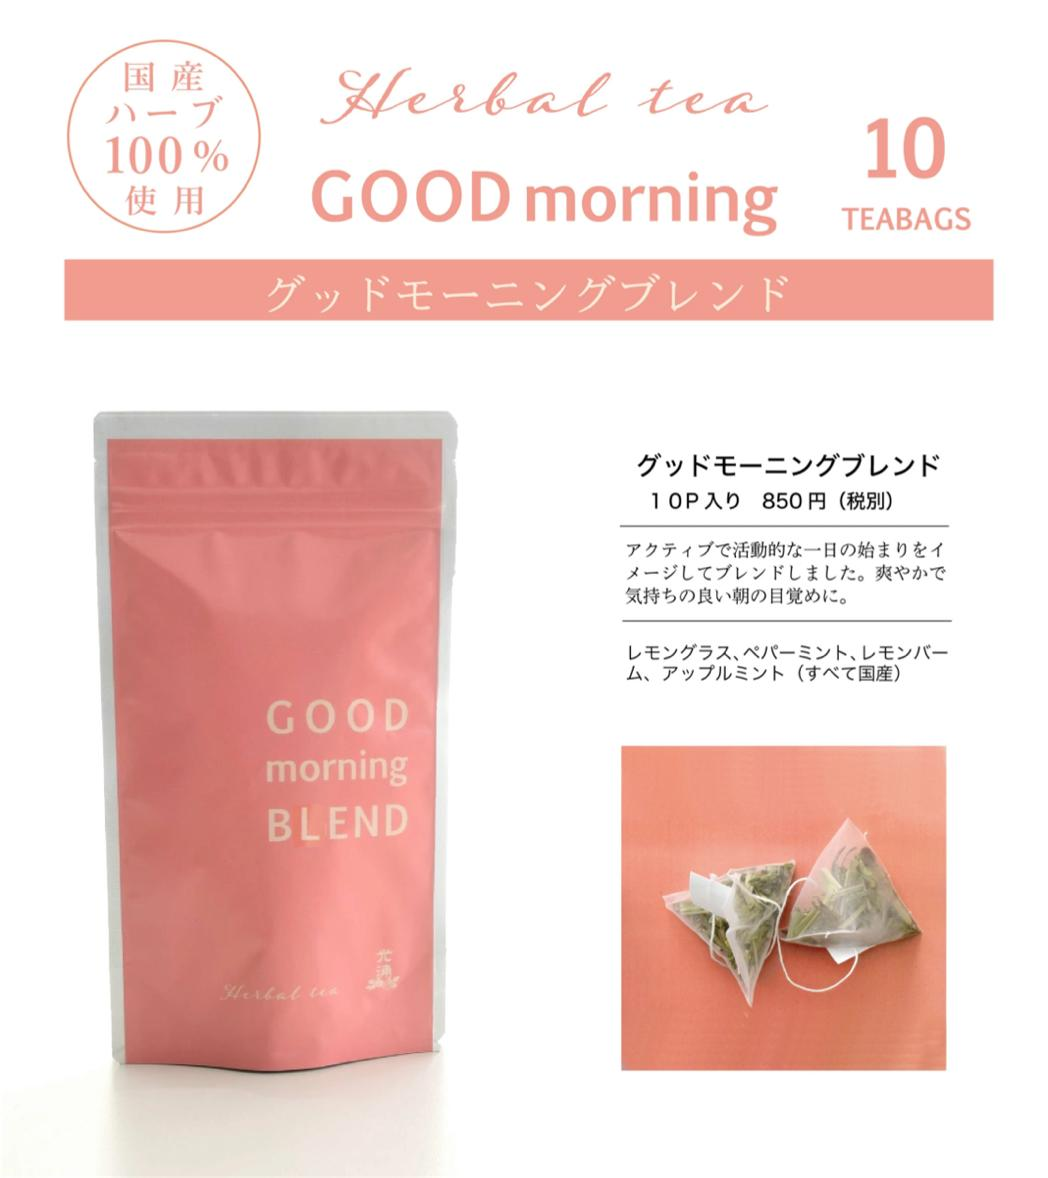 モーニング グット 【公式】GOOD MORNING